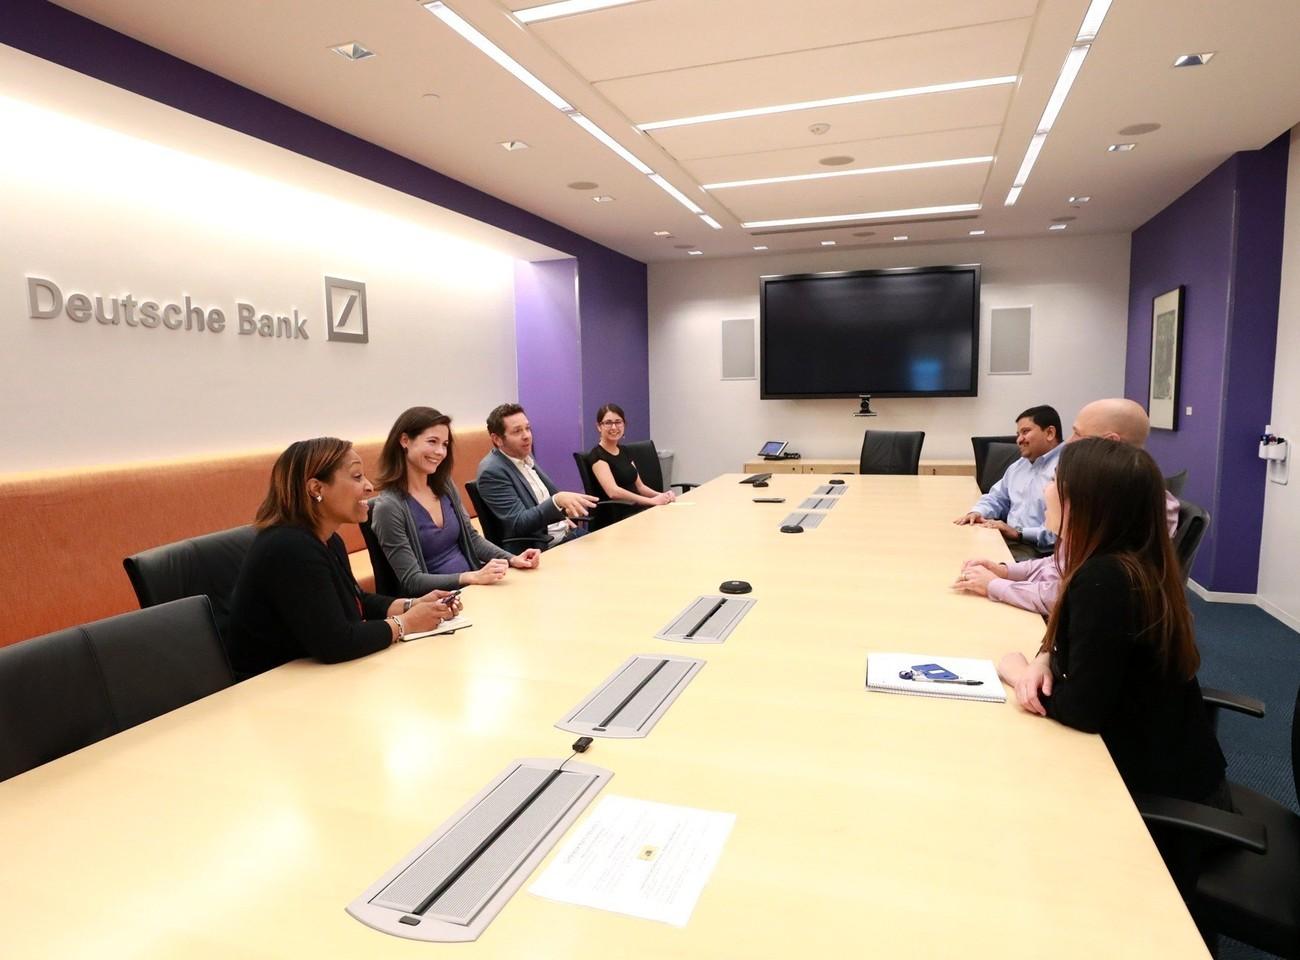 Deutsche Bank Careers